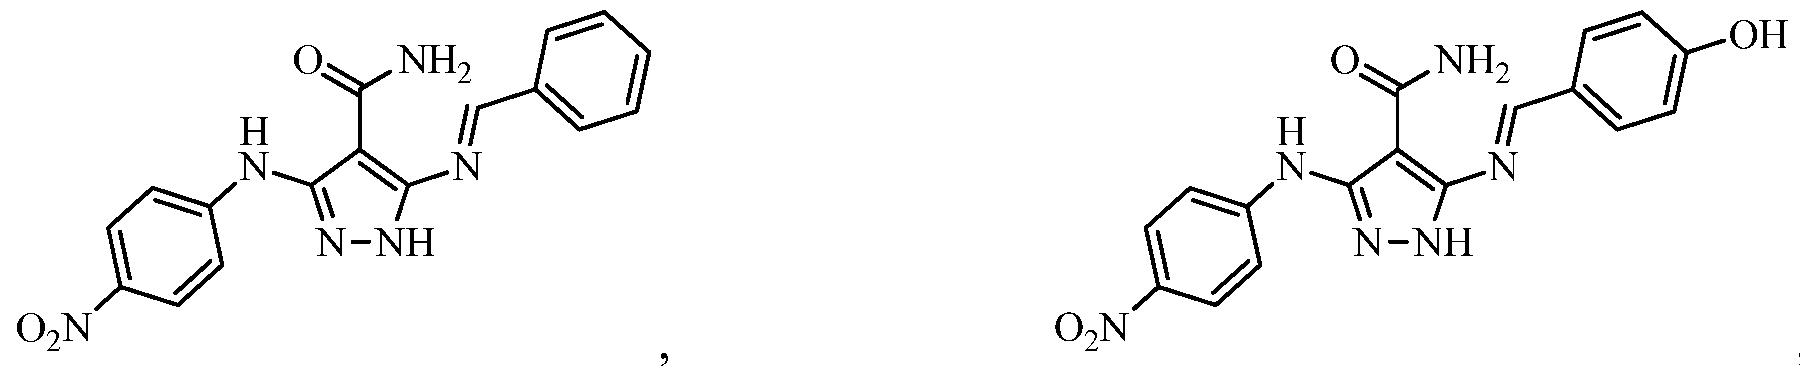 Figure imgf000173_0005